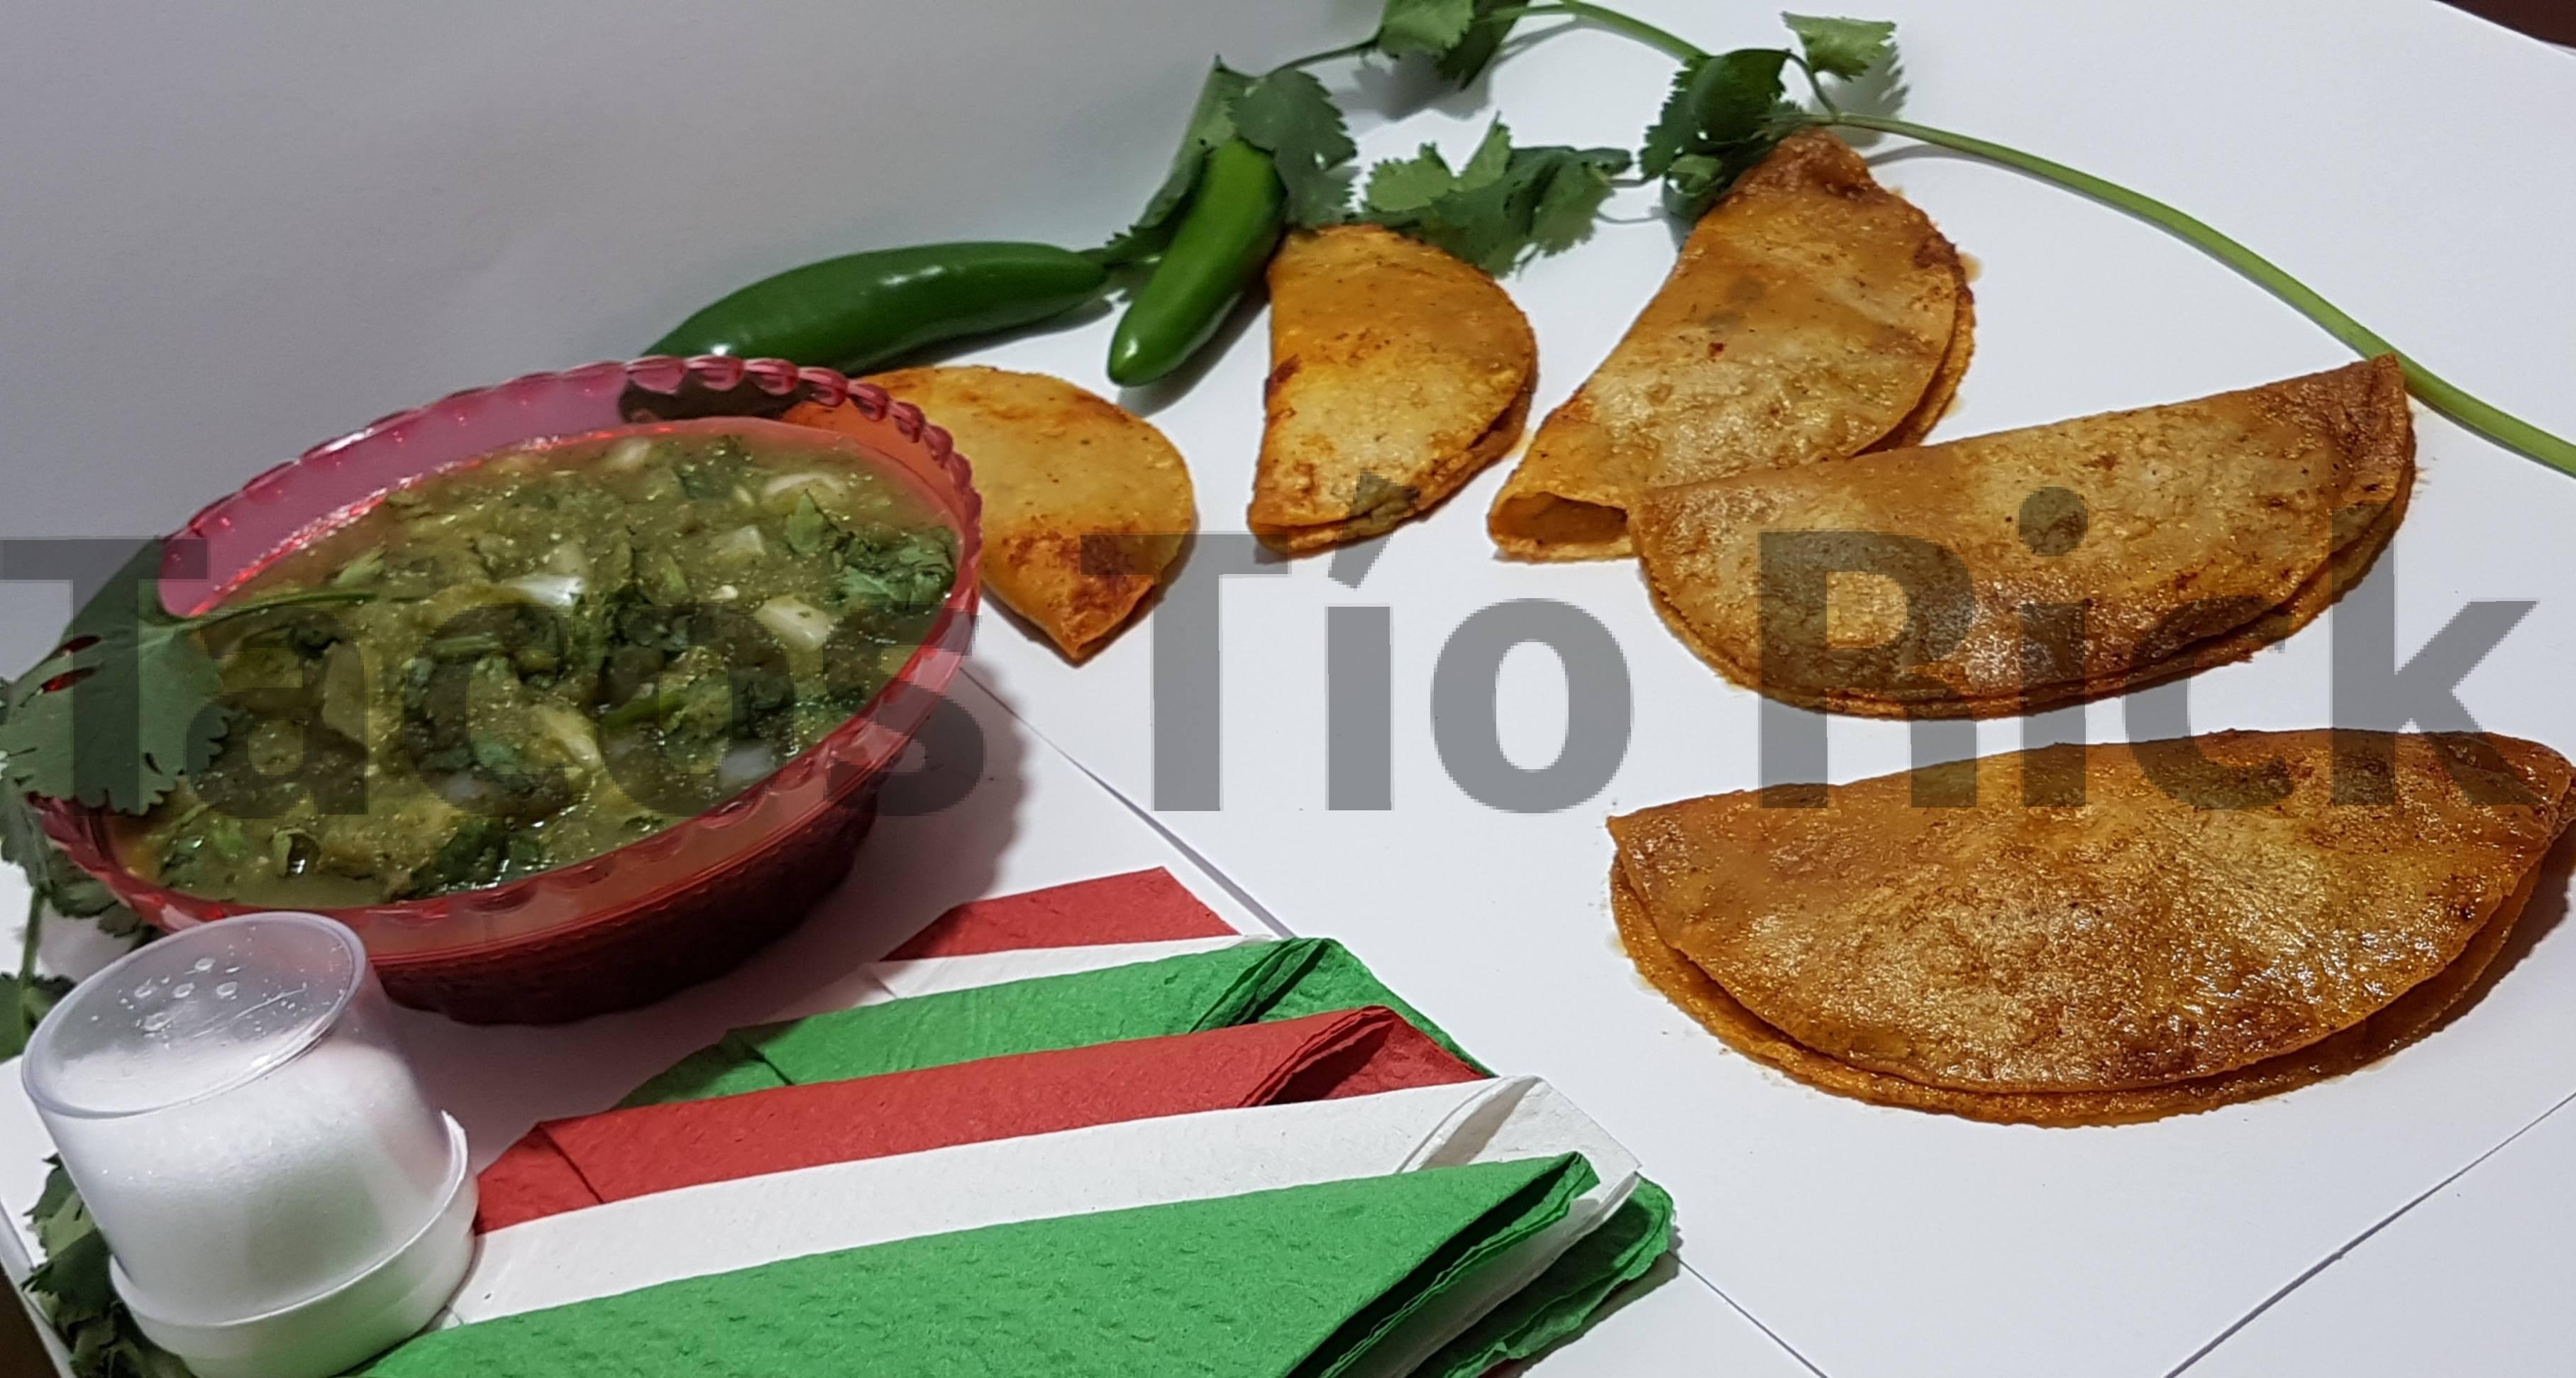 Tacos #1111